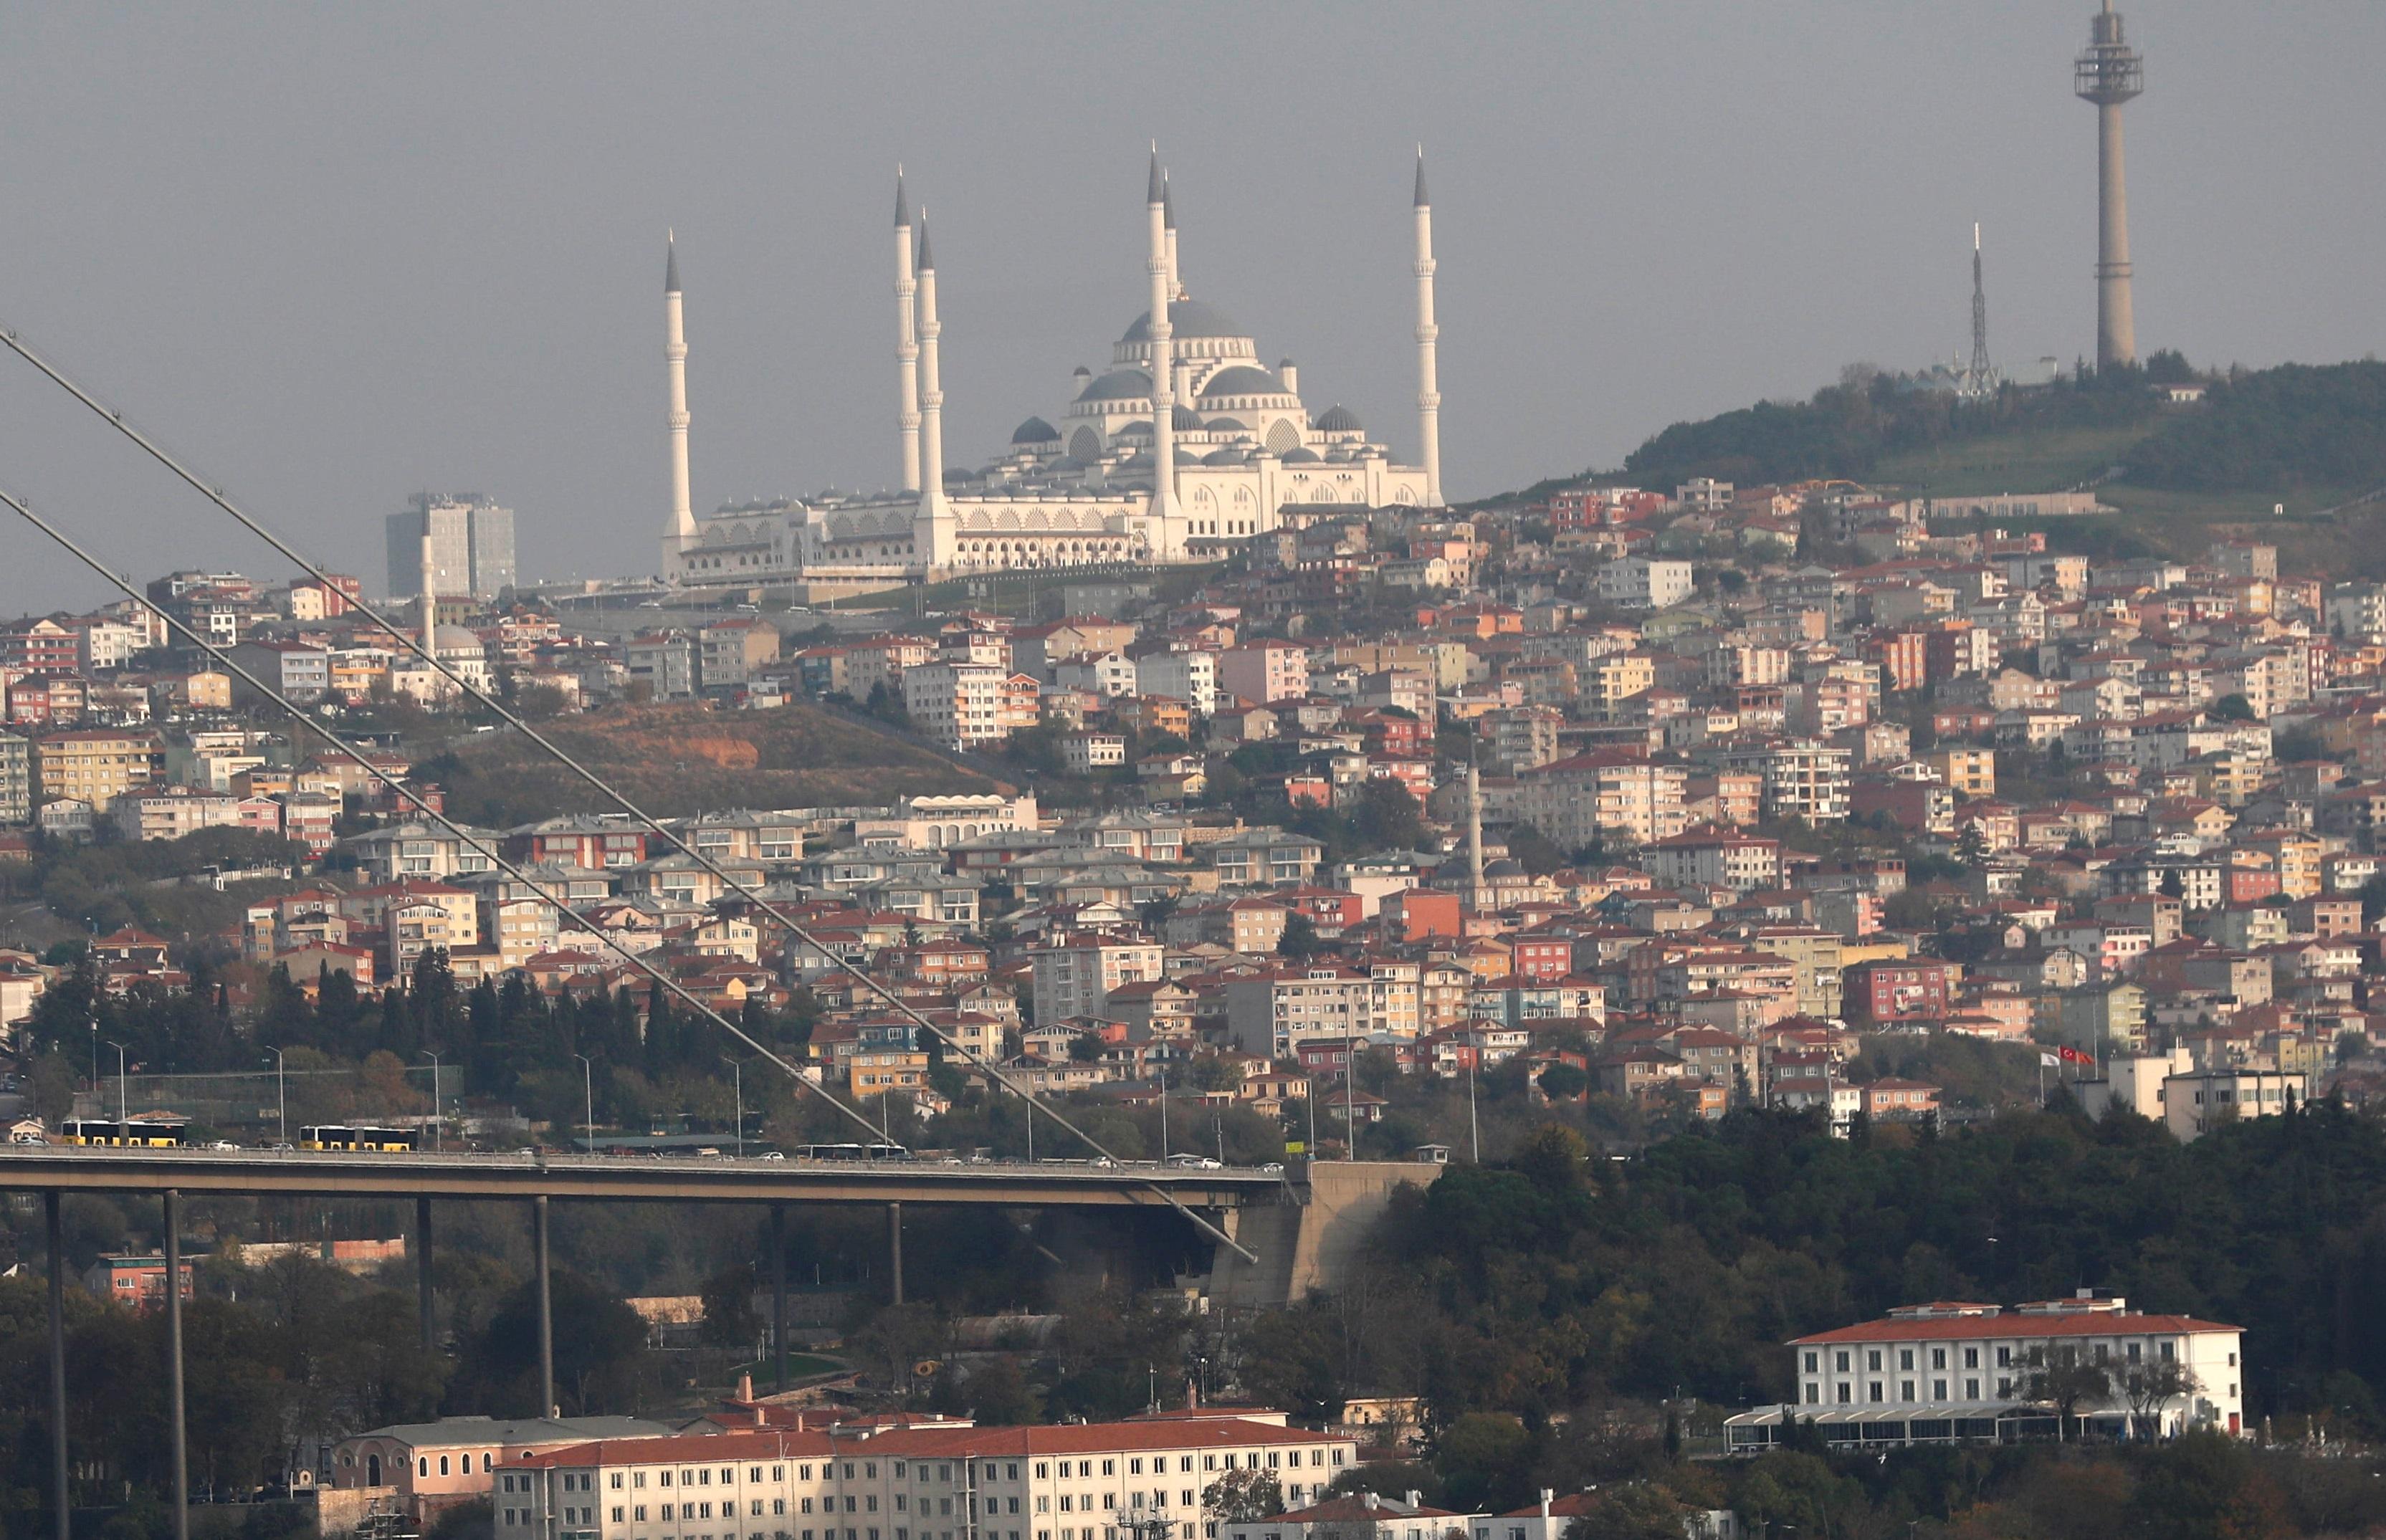 Τουρκία: Επιμένουν ότι δεν έχουν κρούσματα κορονοϊού και μιλούν για την πιο ασφαλή χώρα!